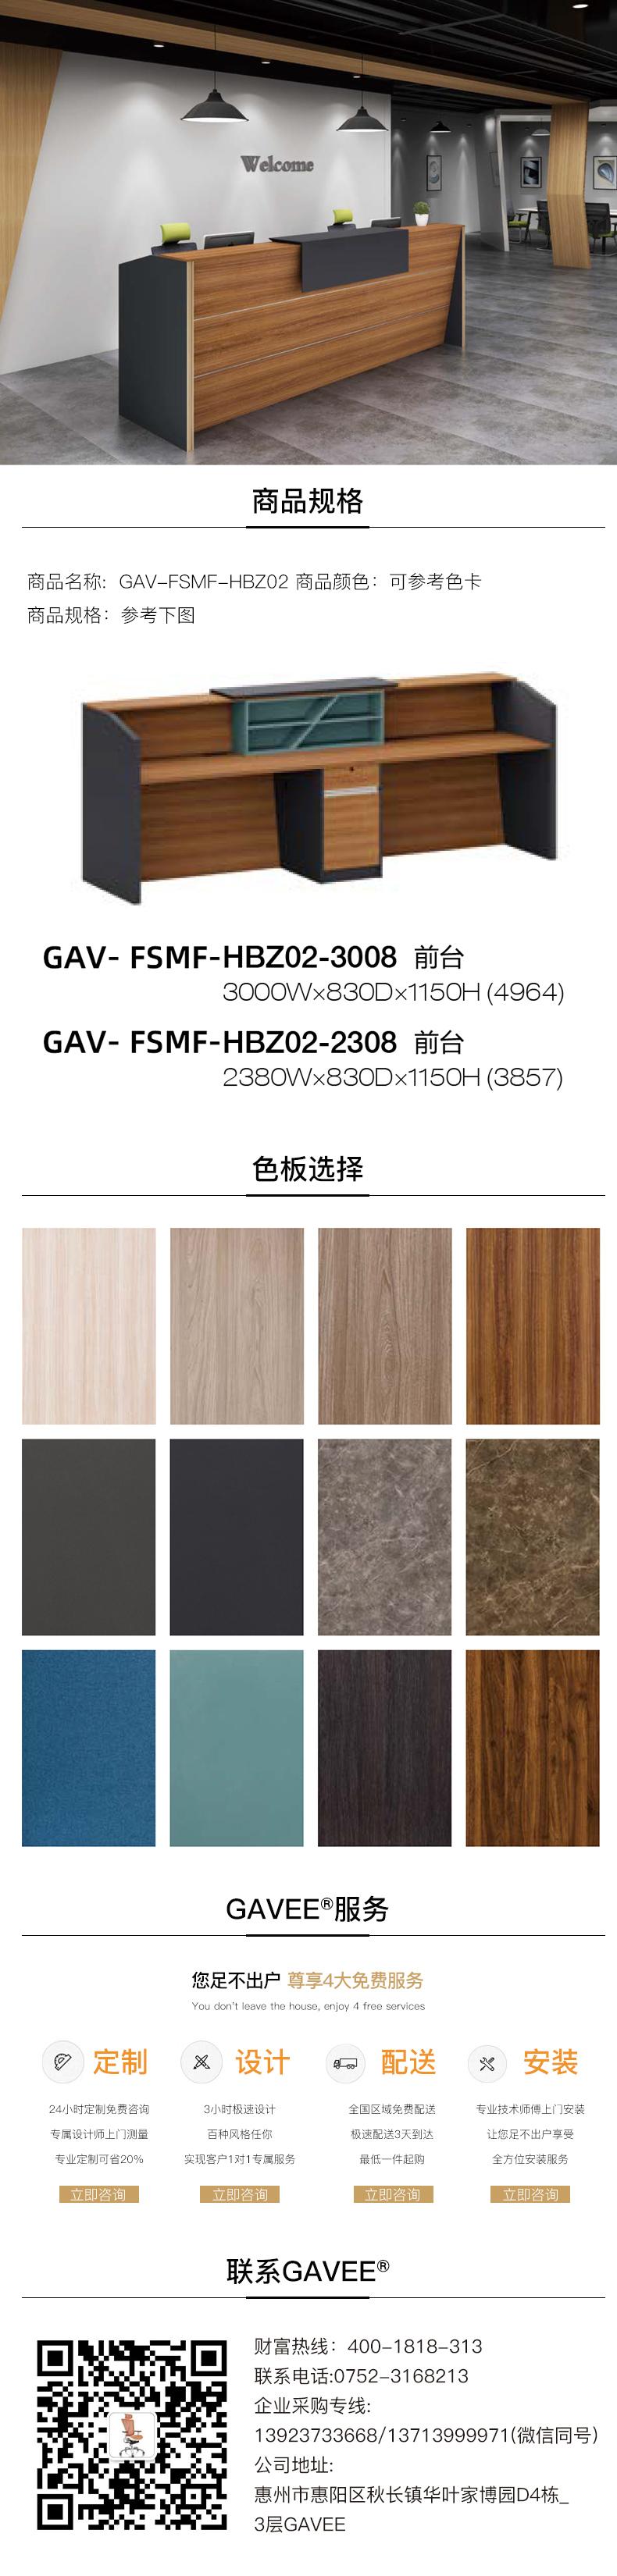 前臺接待系統GAV-FSMF-HBZ02.jpg